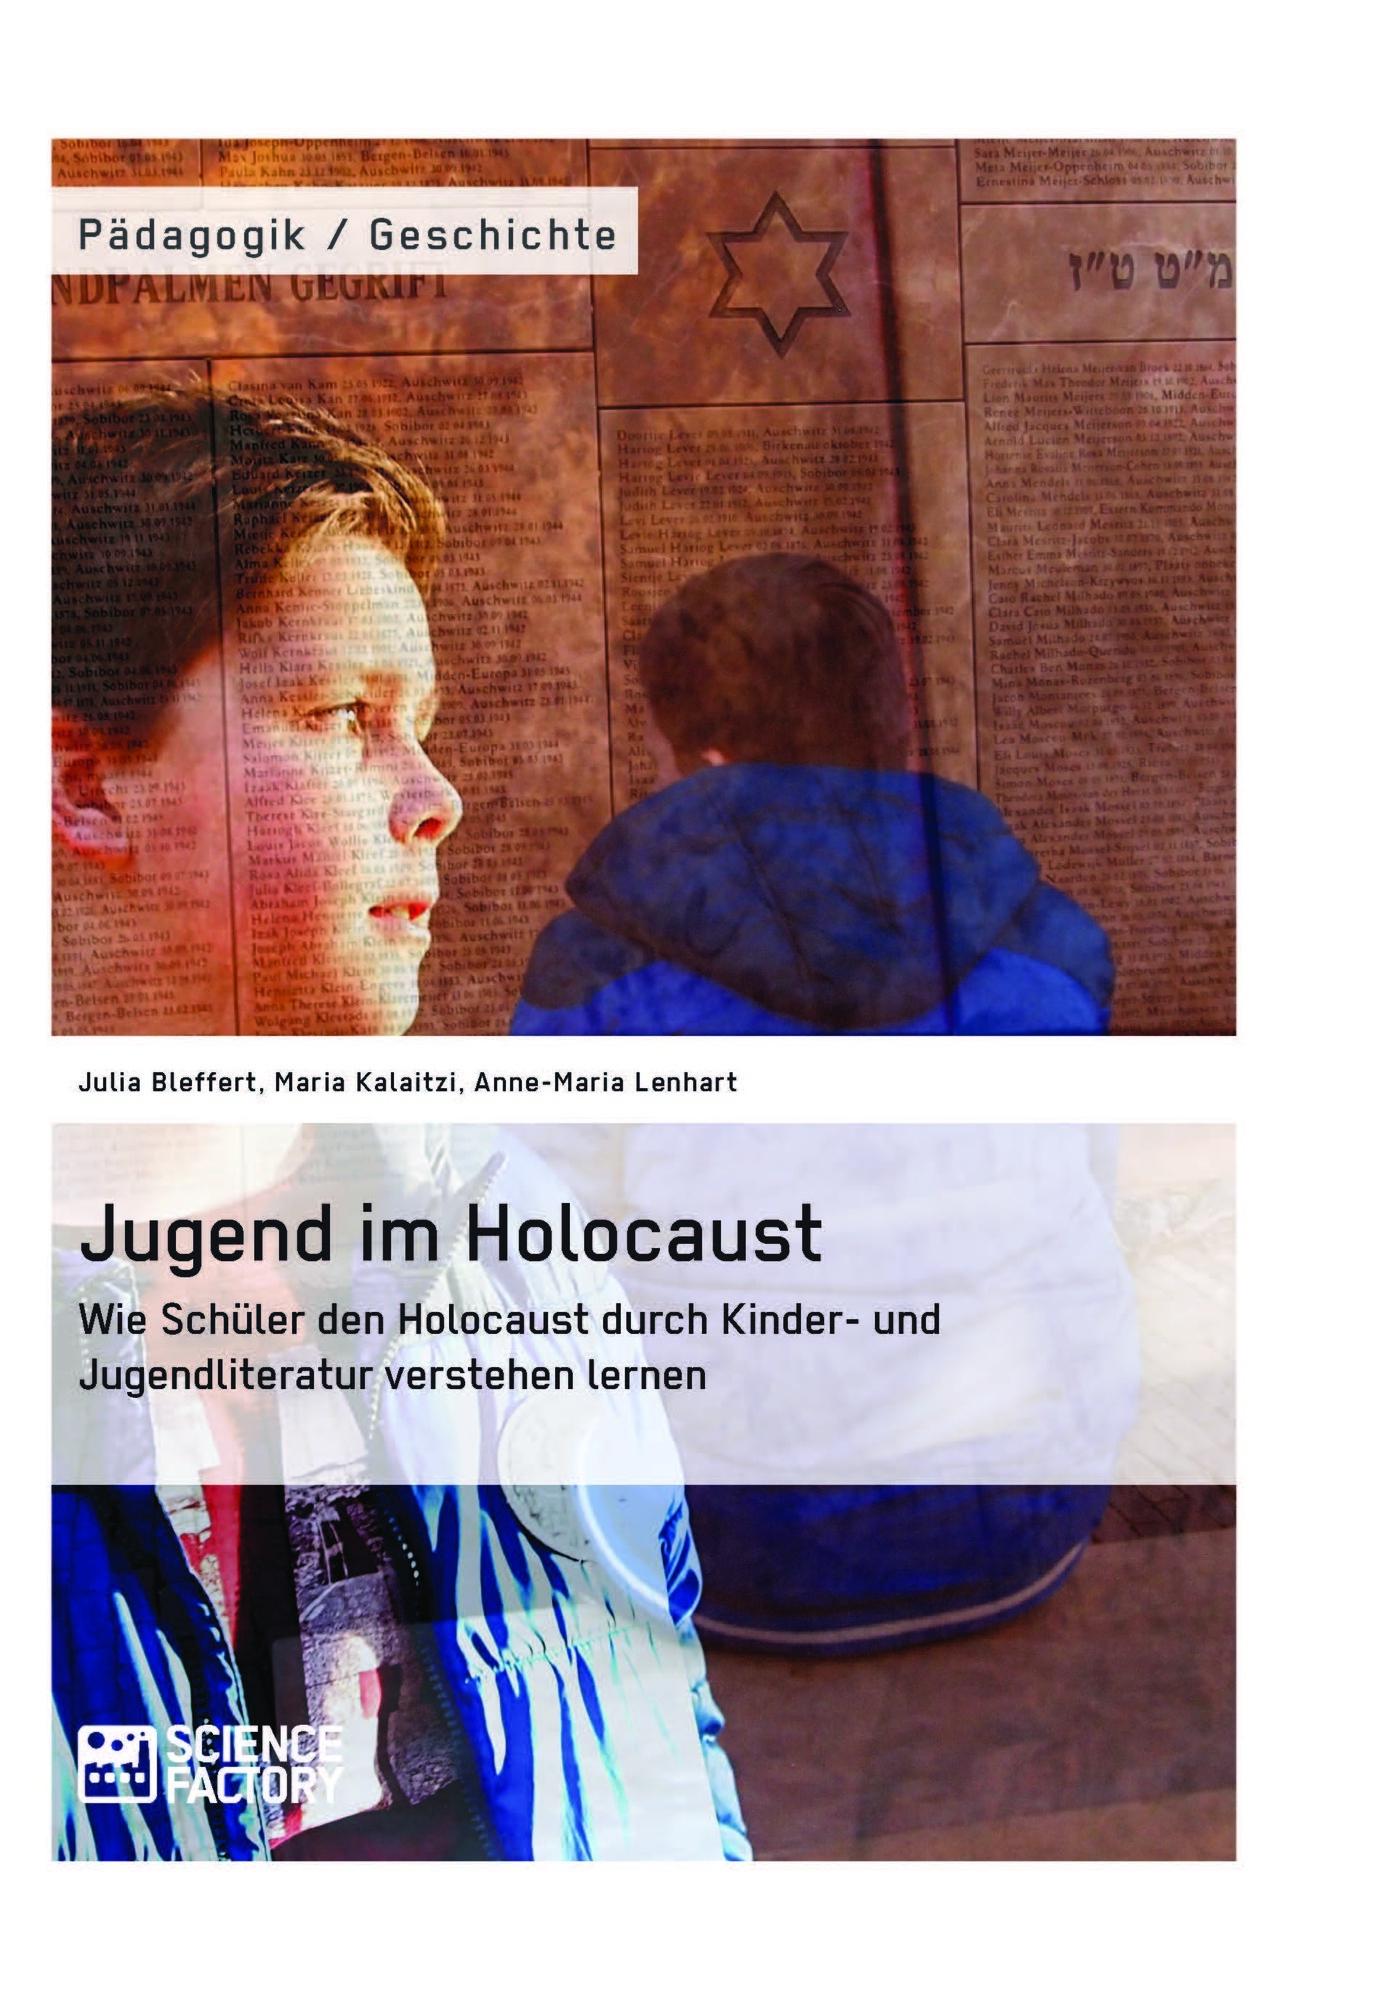 Titel: Jugend im Holocaust. Wie Schüler den Holocaust durch Kinder- und Jugendliteratur verstehen lernen